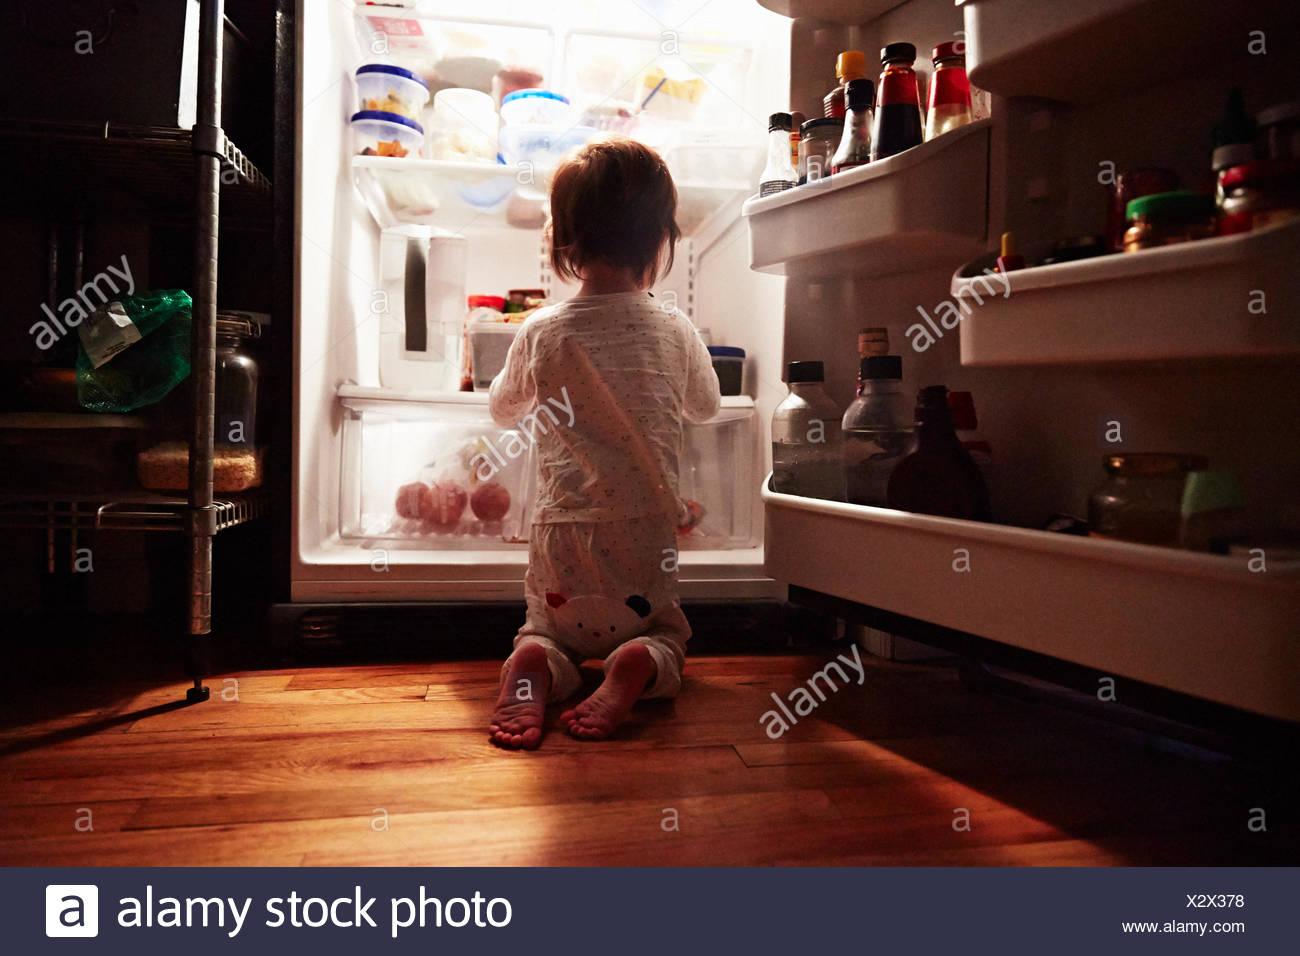 Vista trasera del niño varón arrodillado delante de la nevera abierta durante la noche Imagen De Stock